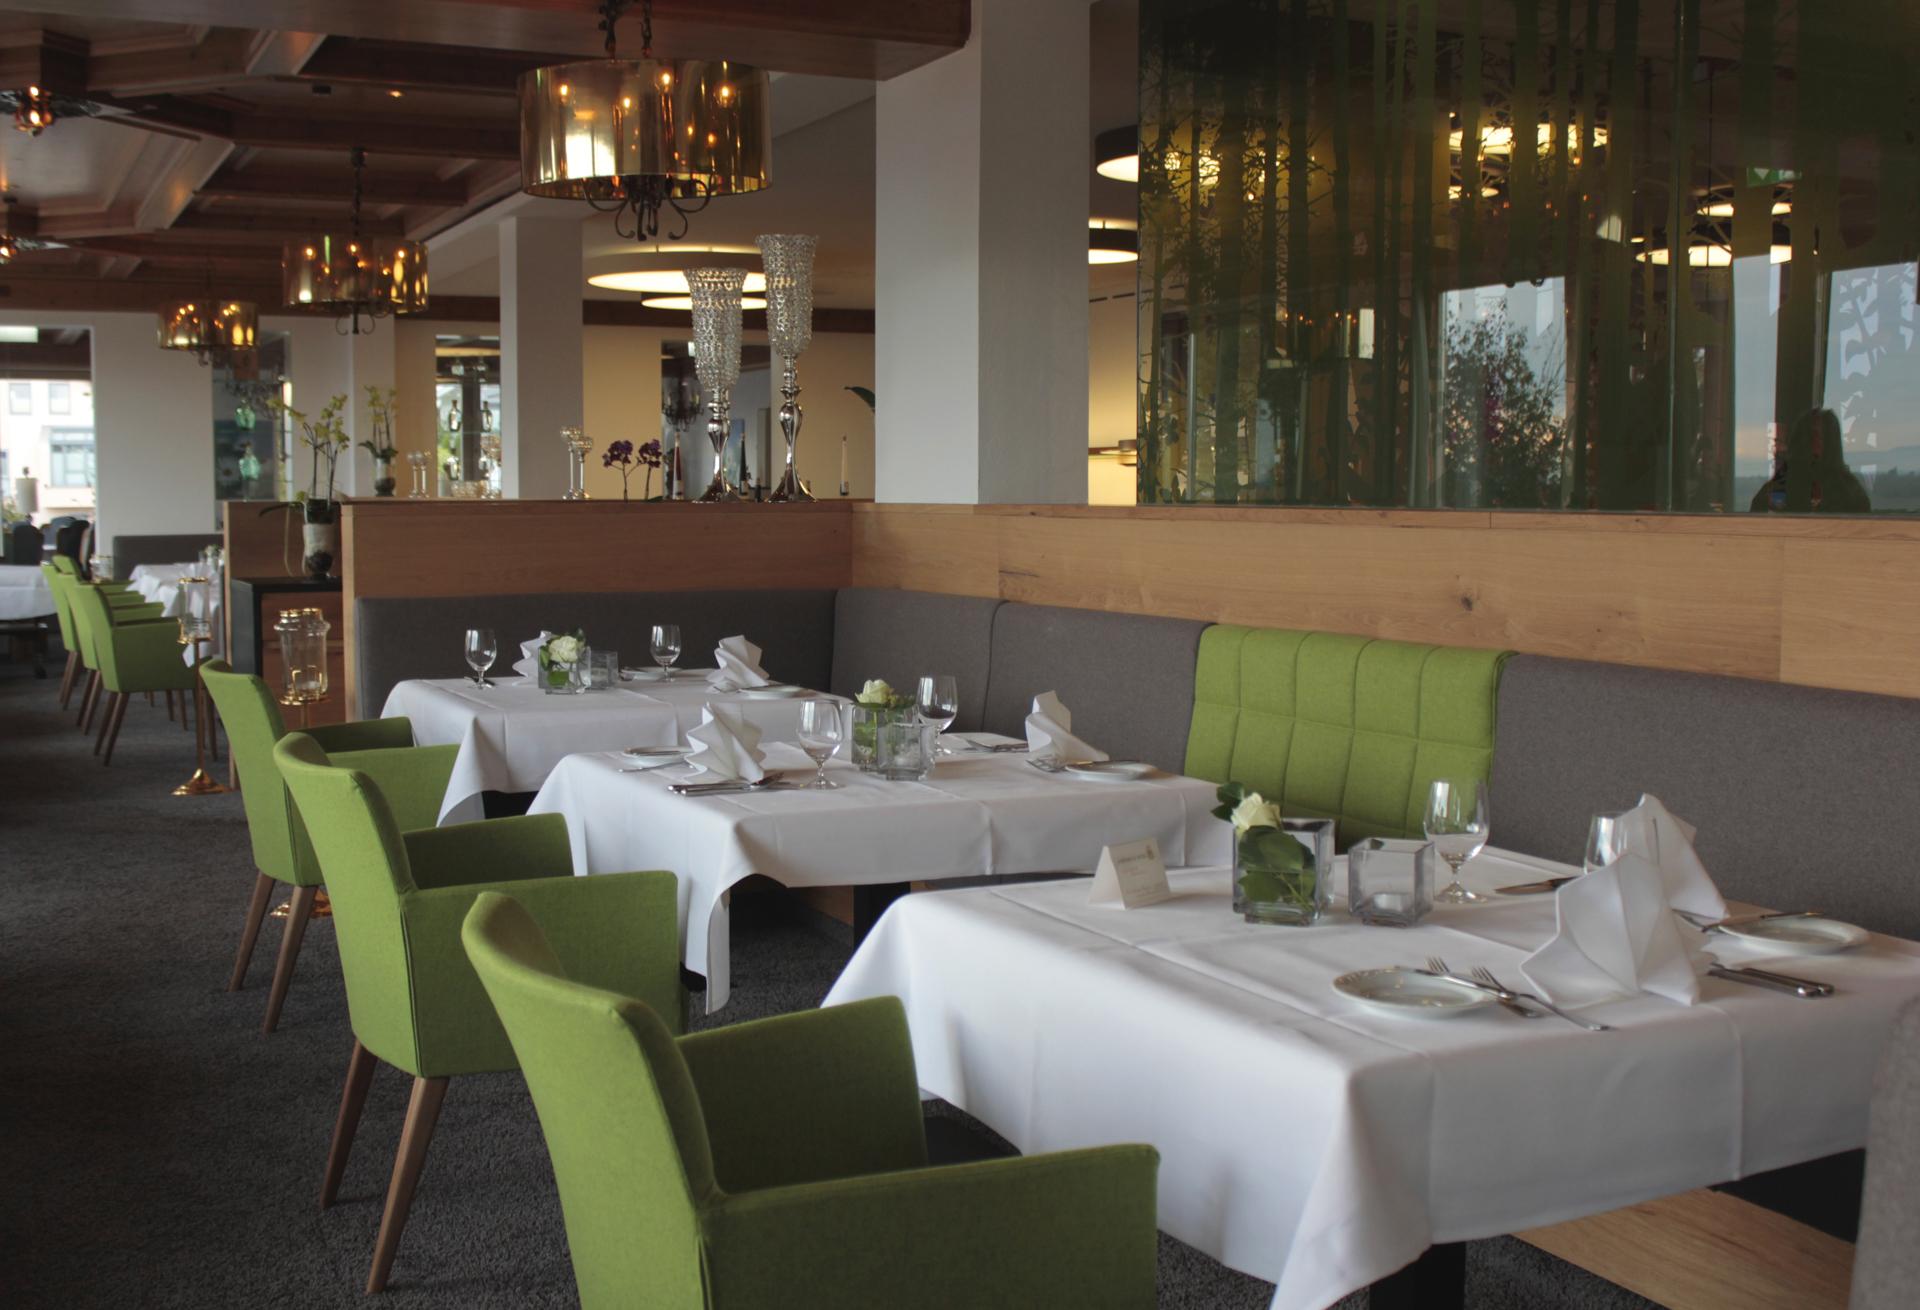 tischlerei-decker-hotel-schoenbuch-restaurant-esstische-essbereich